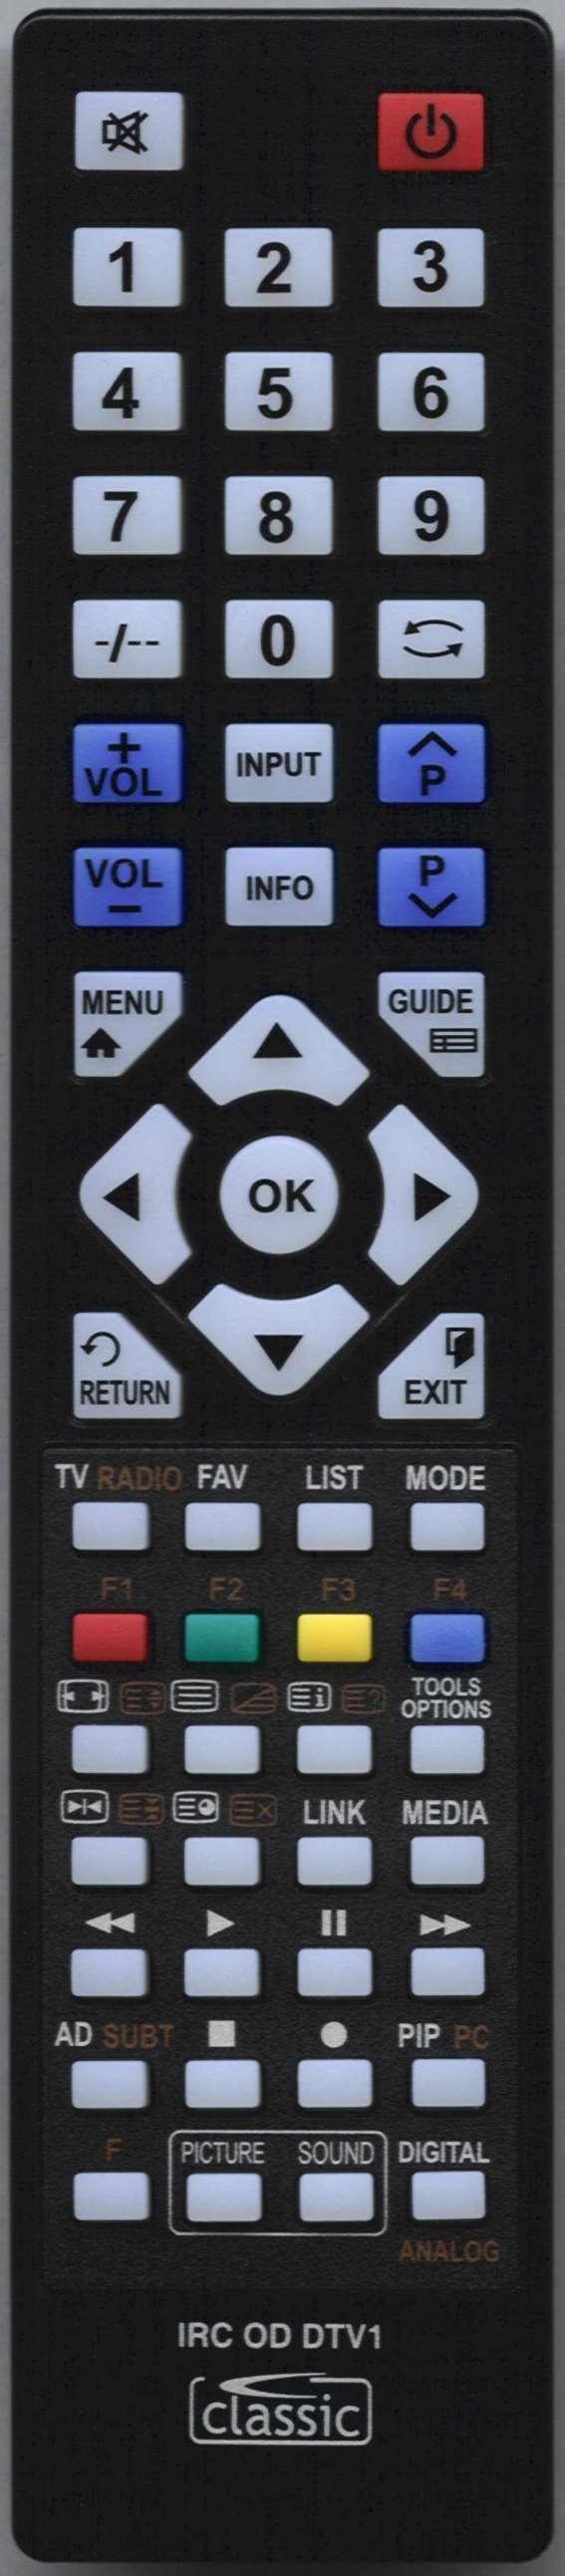 POLAROID P43FP0037A Remote Control